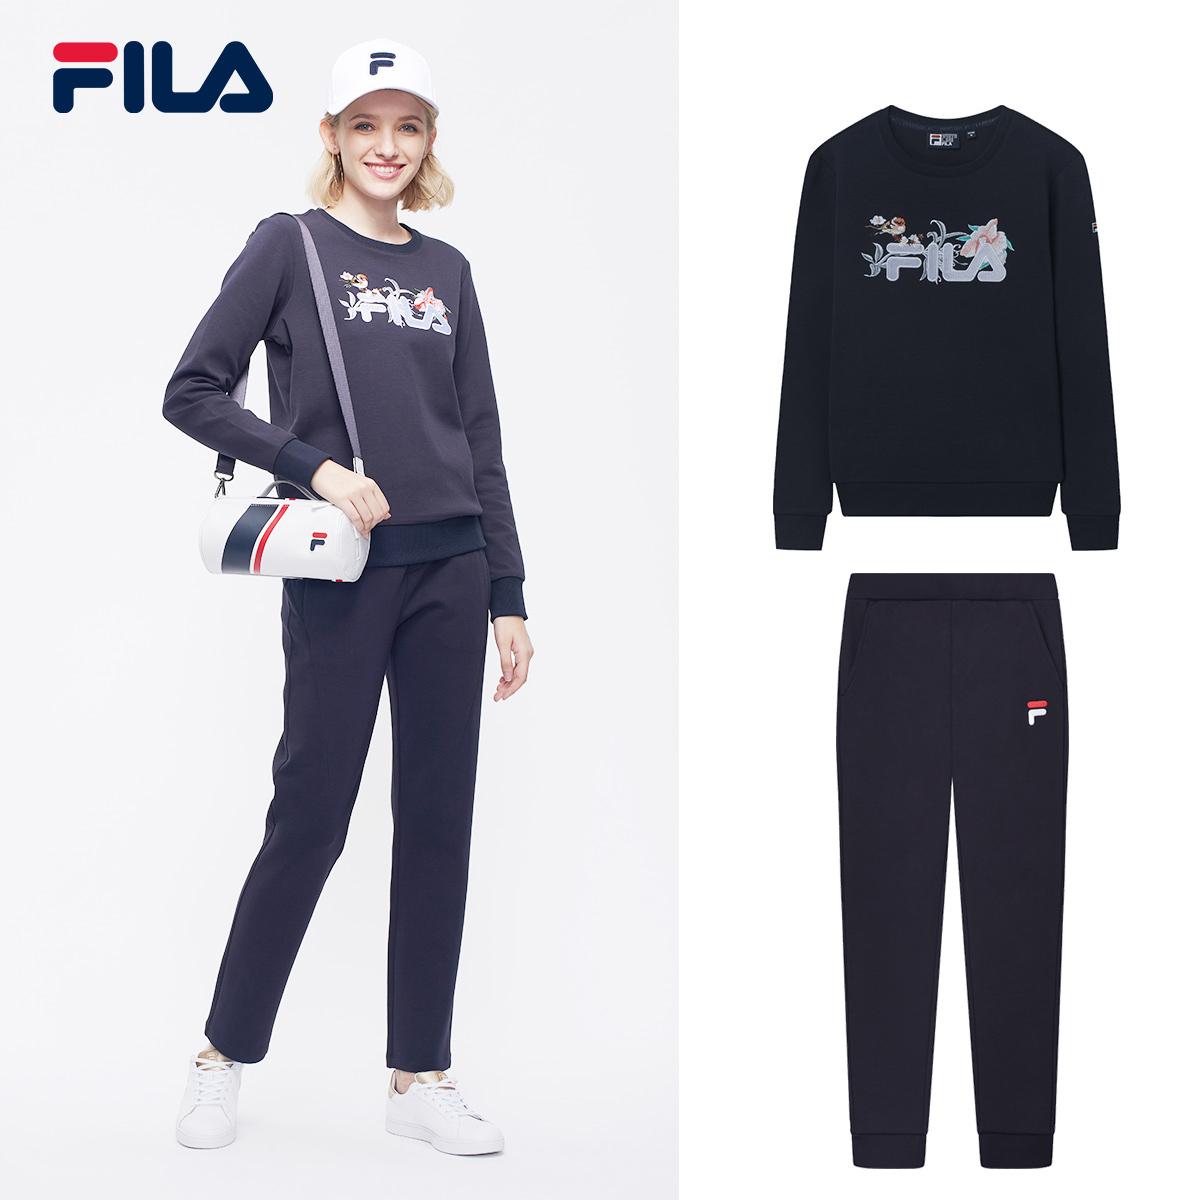 FILA斐乐女运动套装2018秋季新品舒适简约时尚套头衫休闲运动长裤